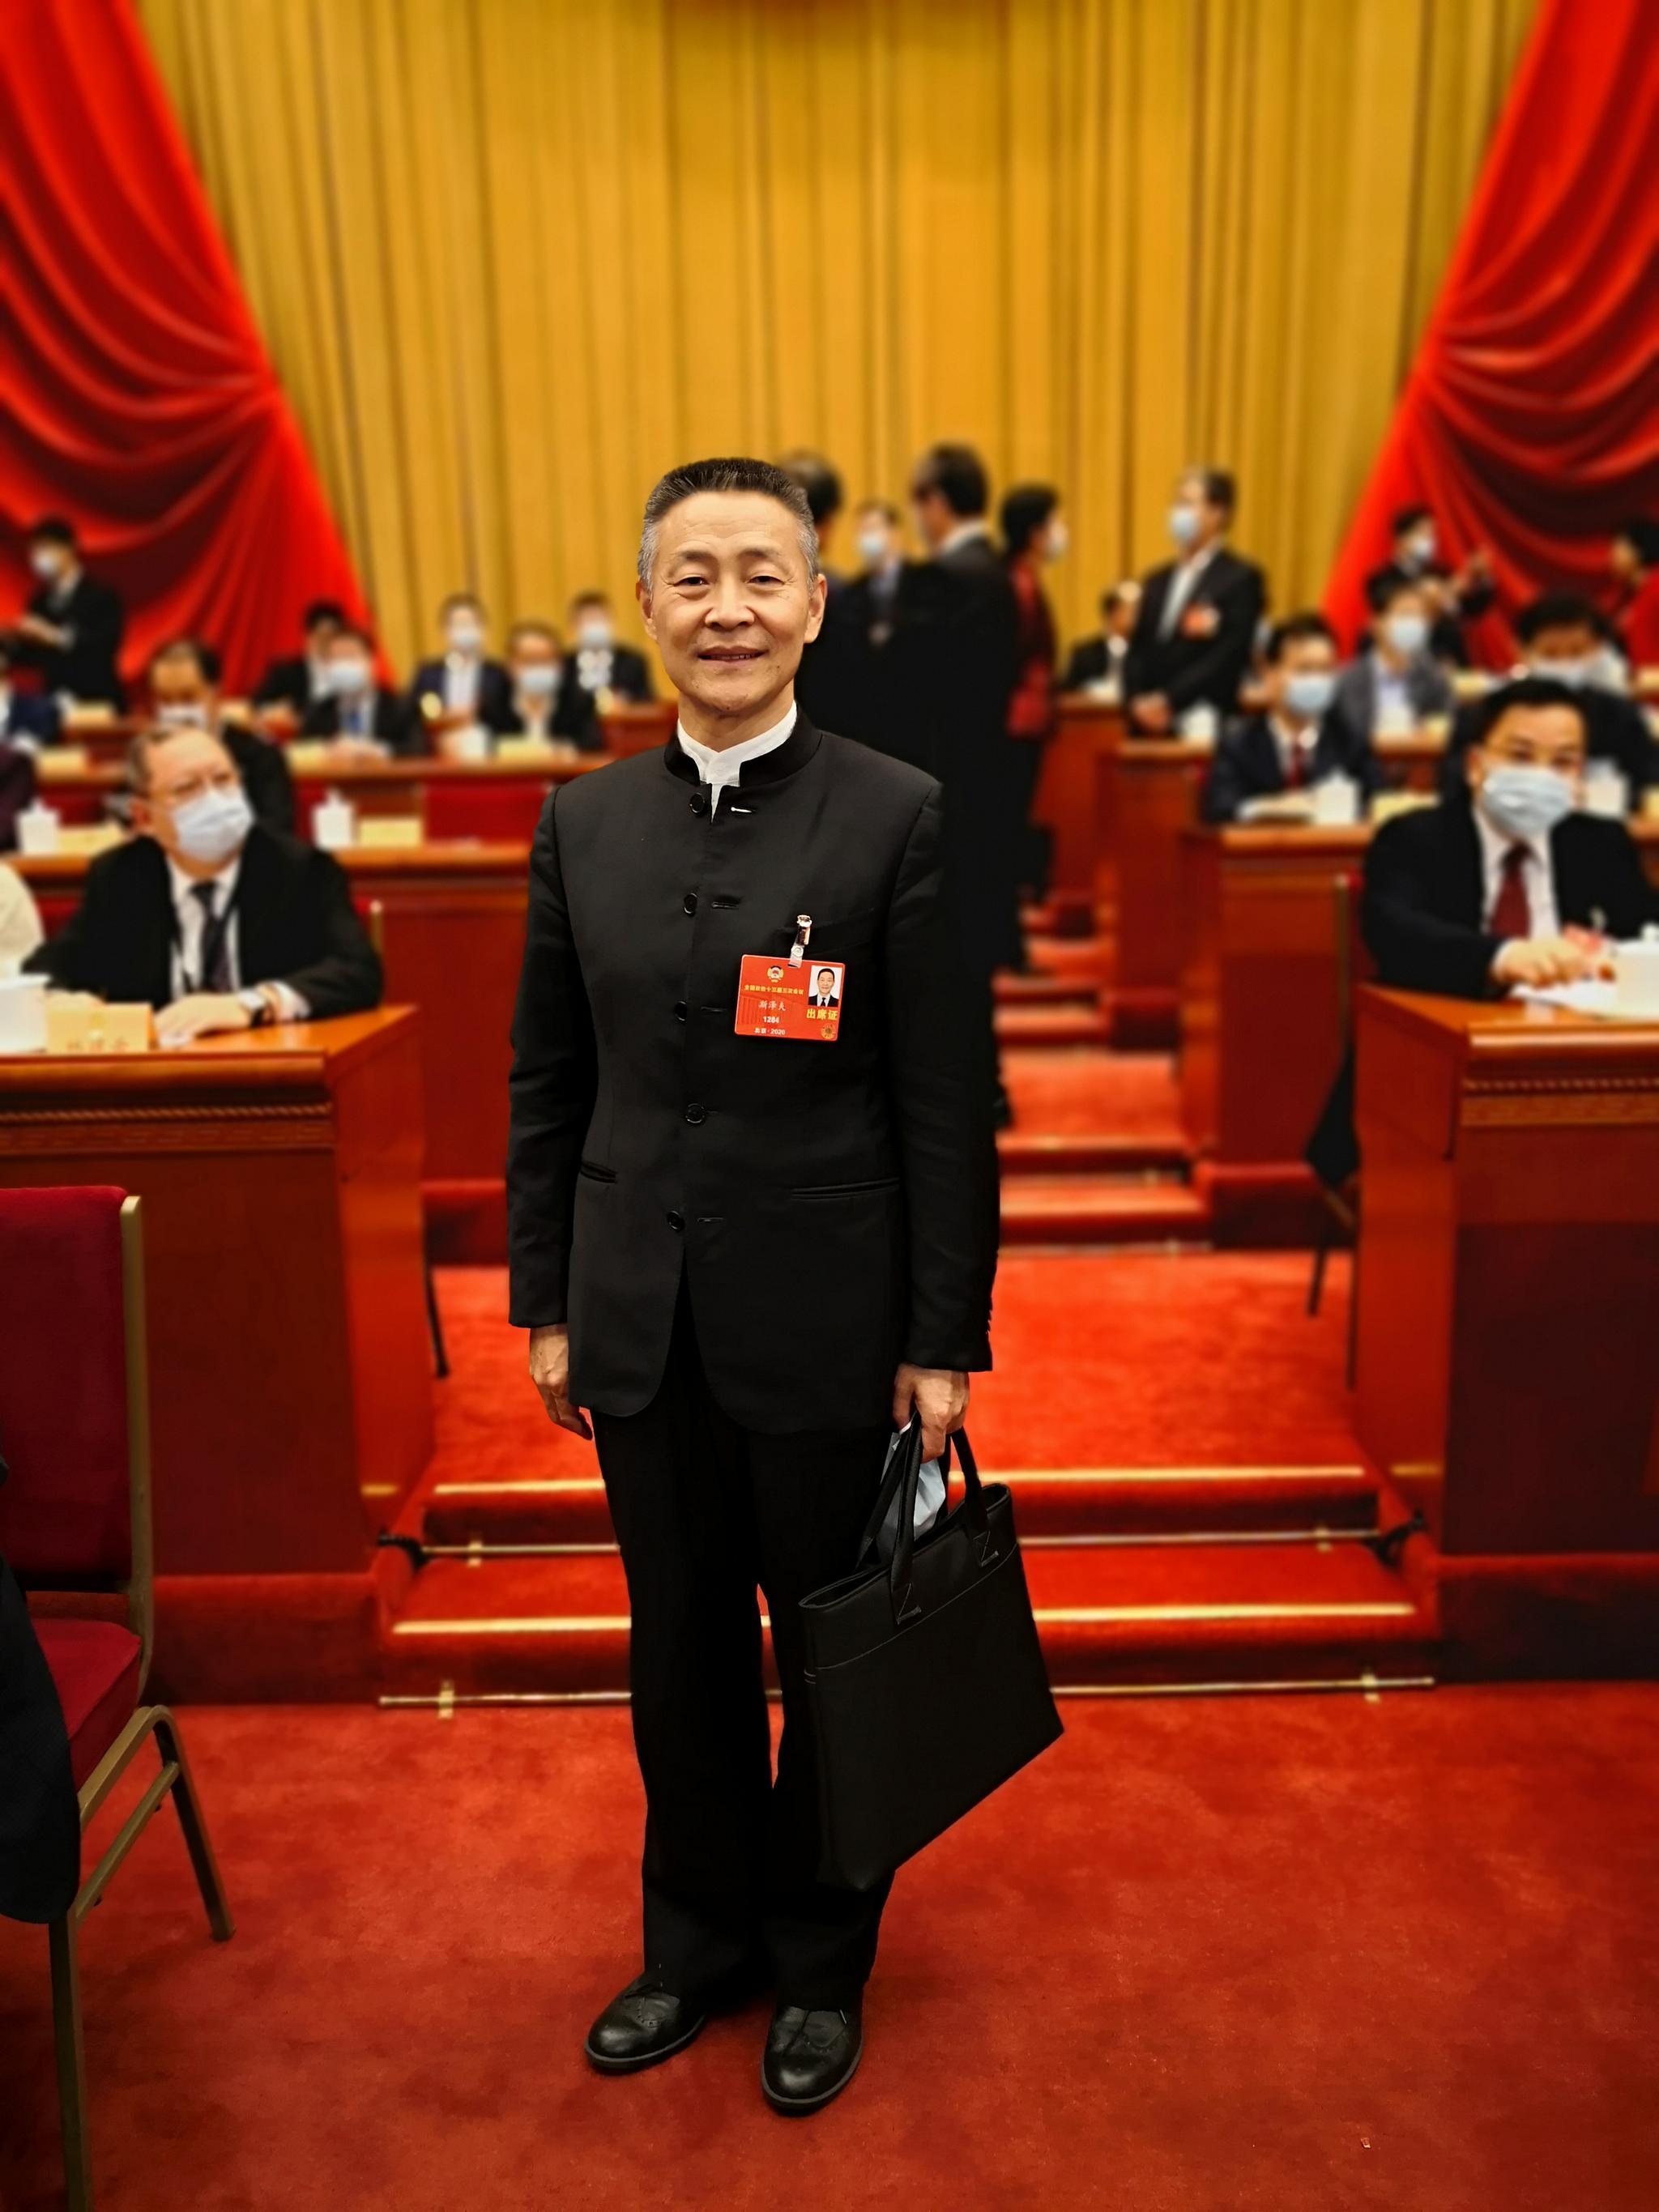 【两会好声音】斯泽夫委员:推进制造业高质量发展 将世界市场变为中国市场的一部分图片